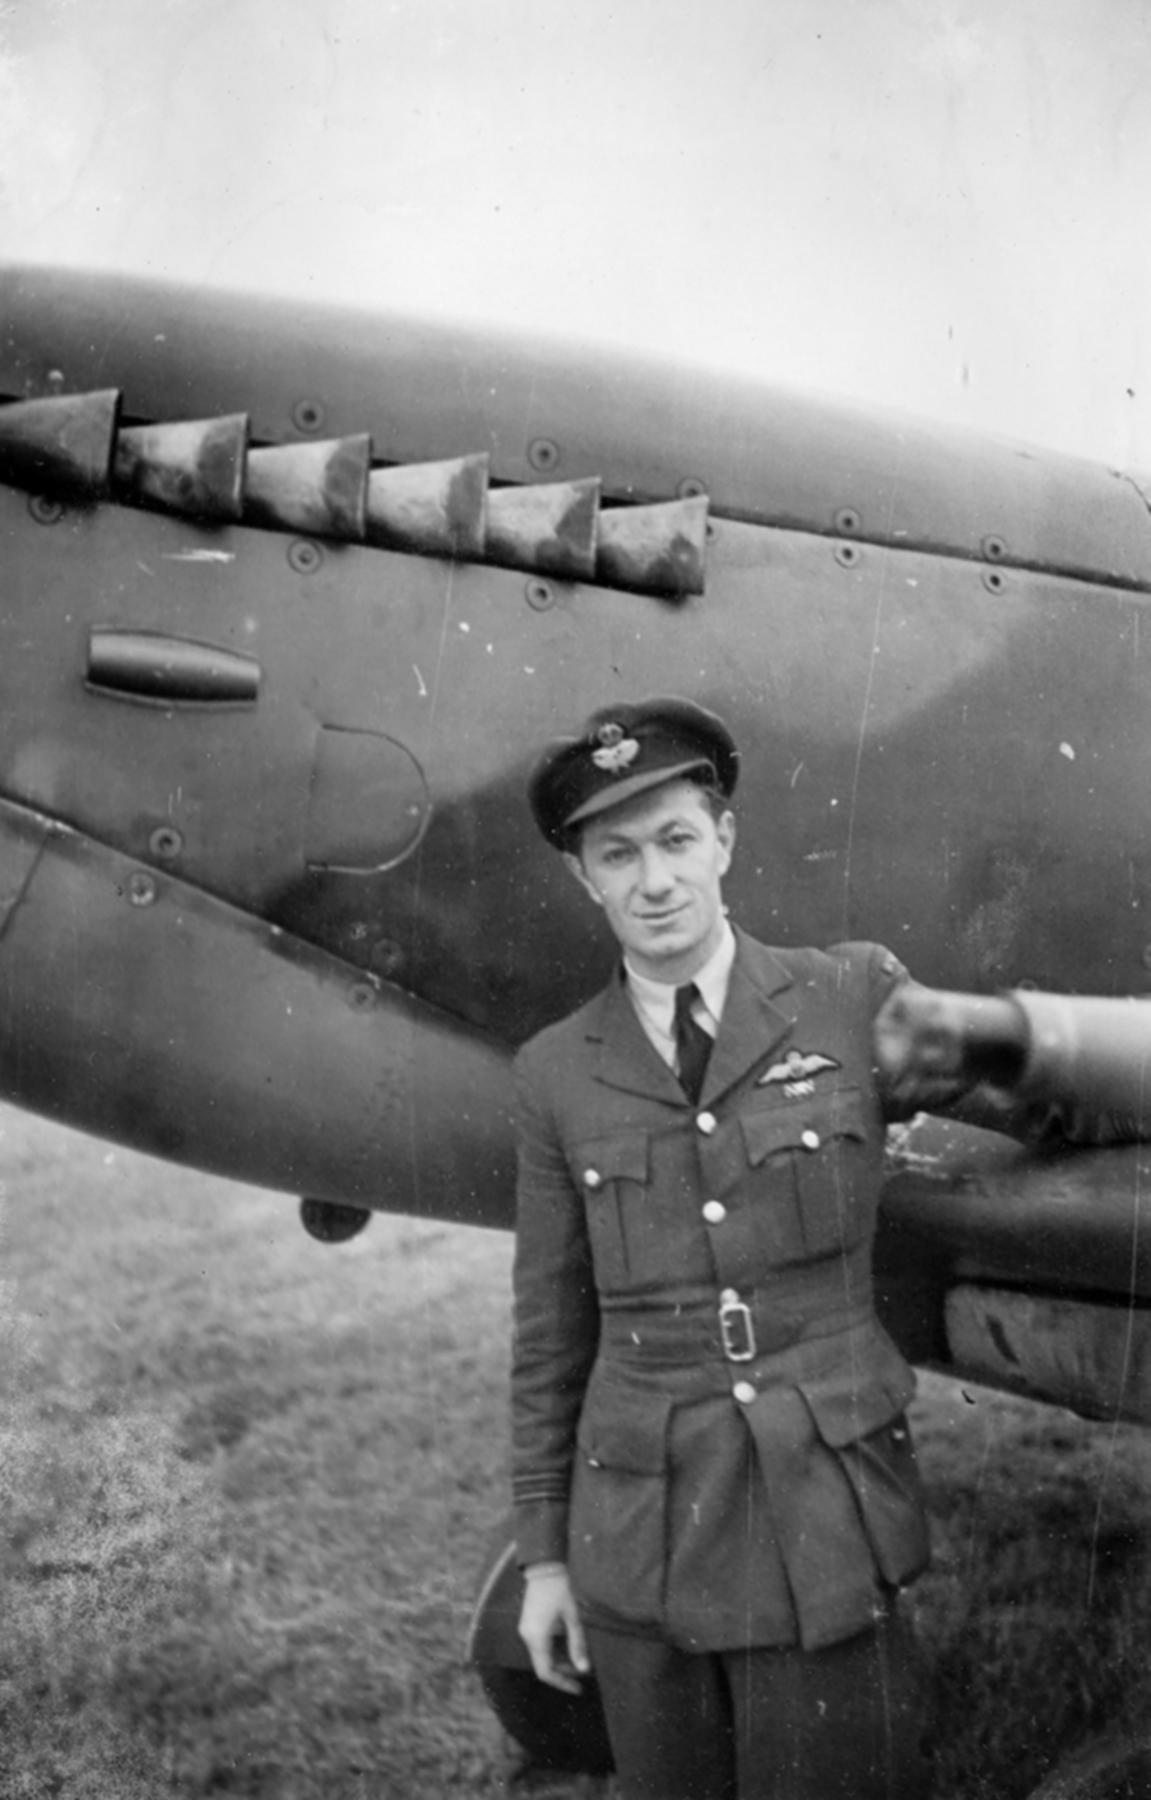 Aircrew RAF 64Sqn John Plagis 1942 03